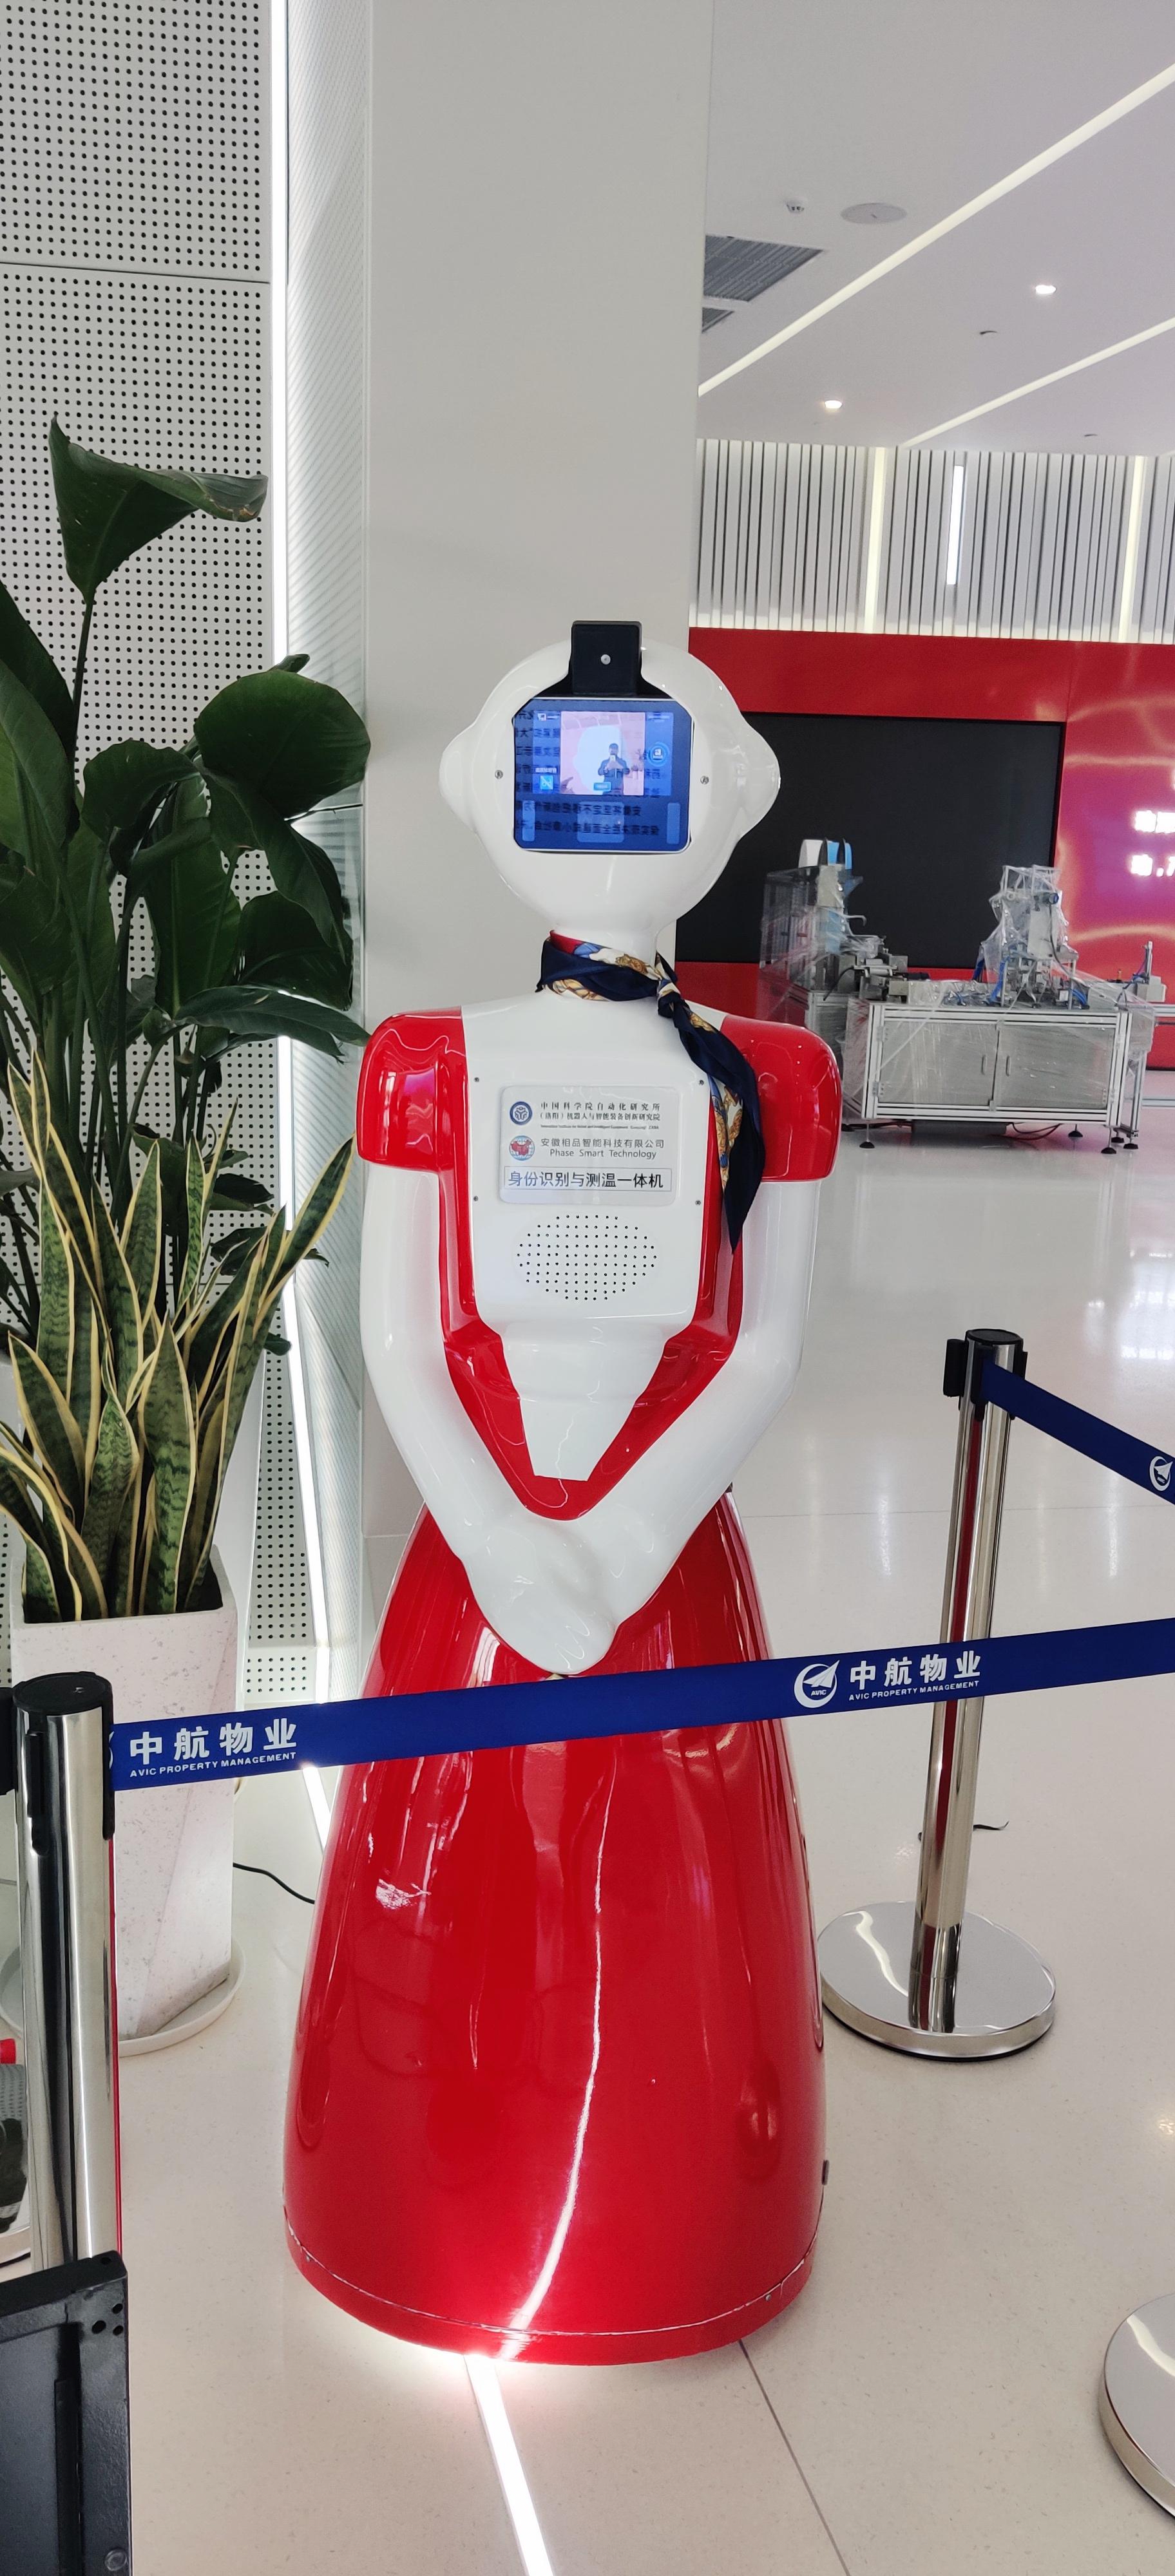 身份识别与测温机器人